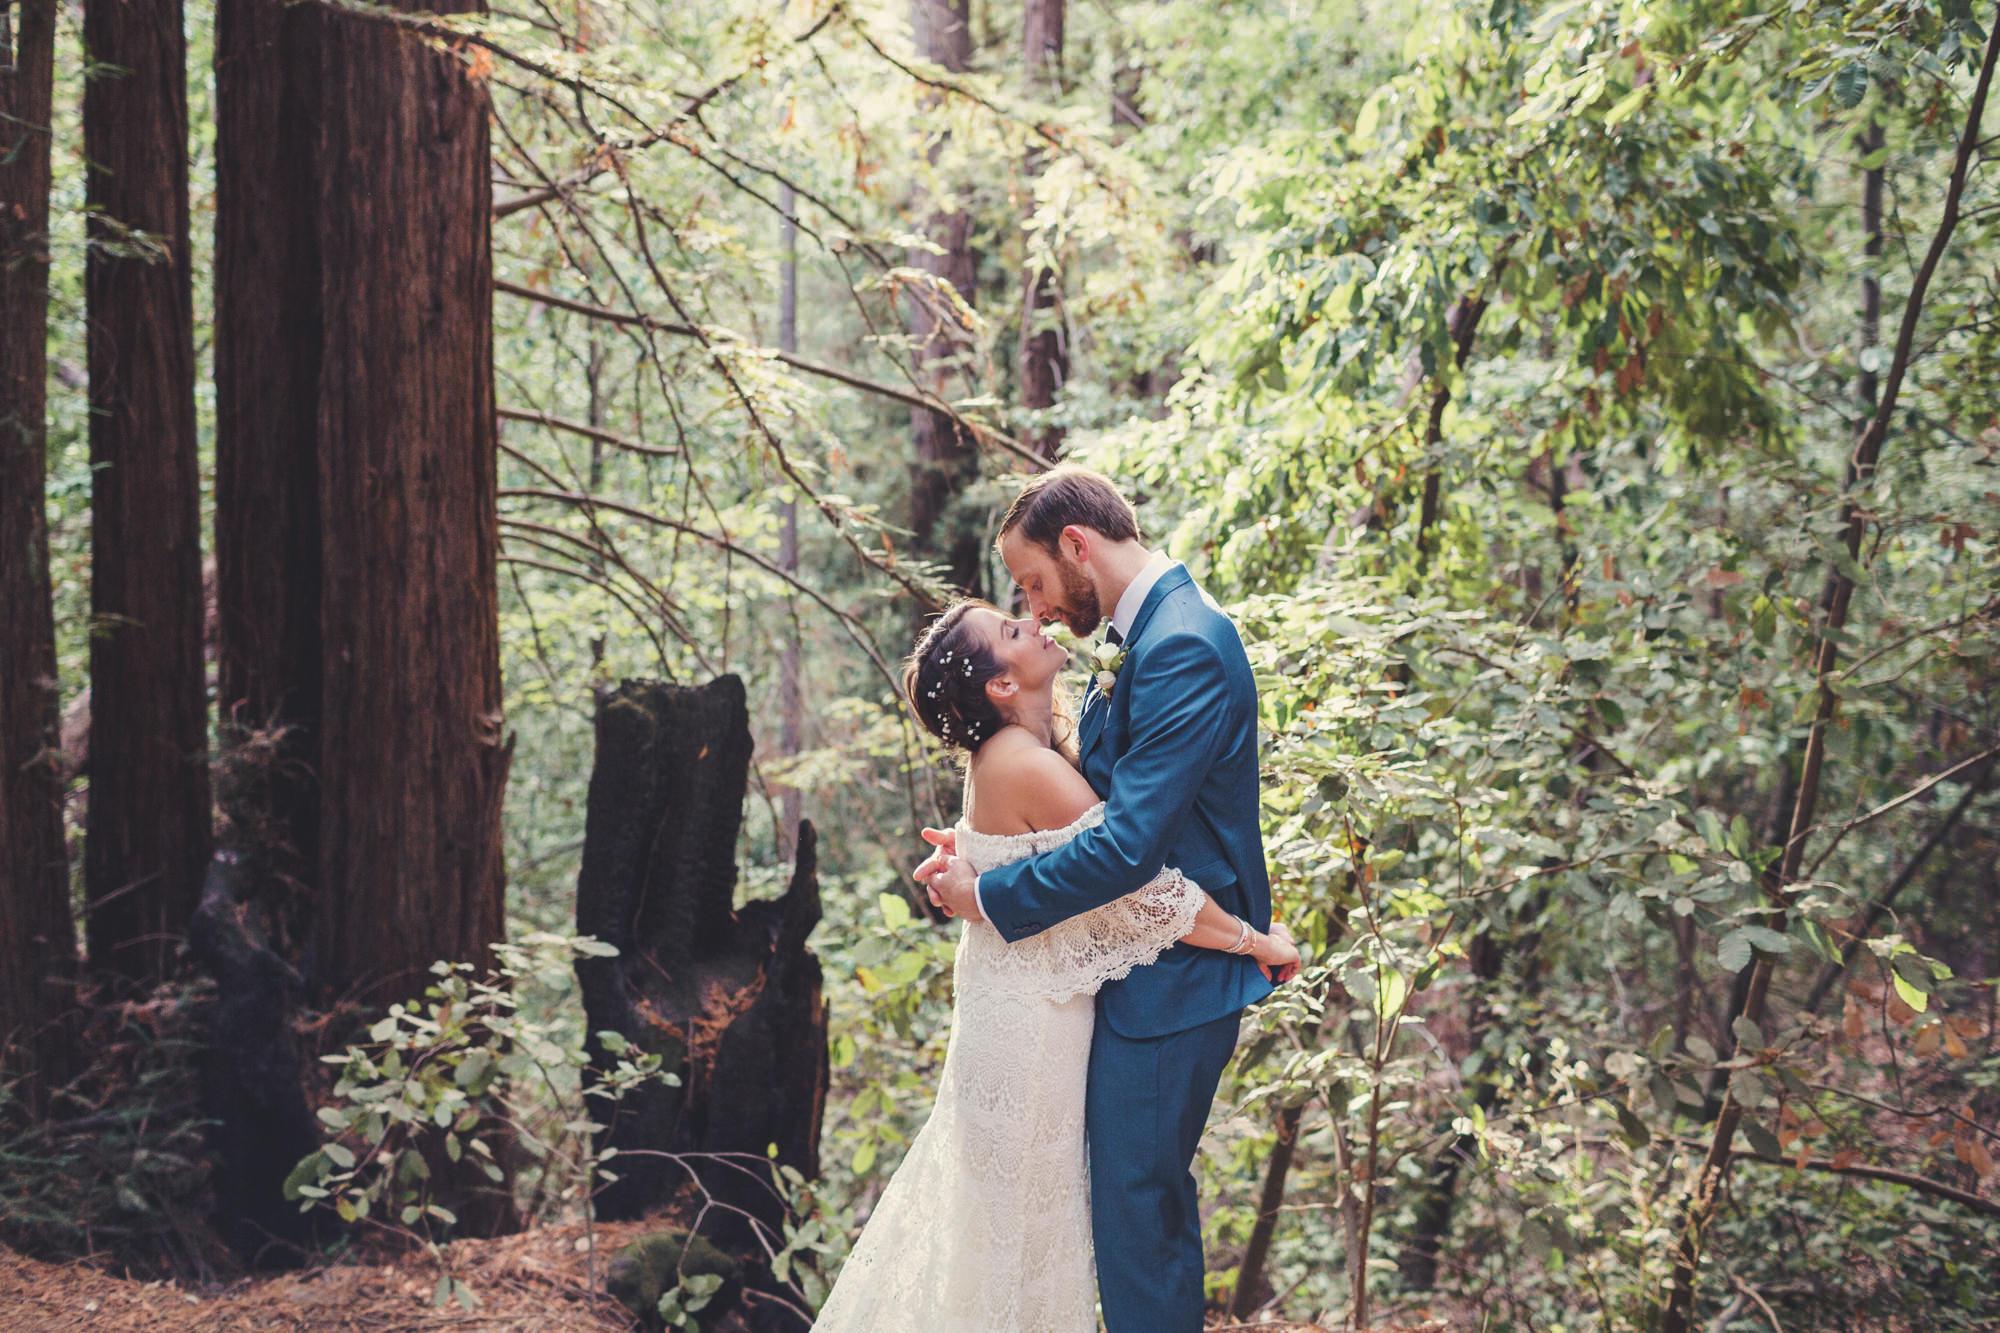 Sequoia Retreat Center Wedding@Anne-Claire Brun 106